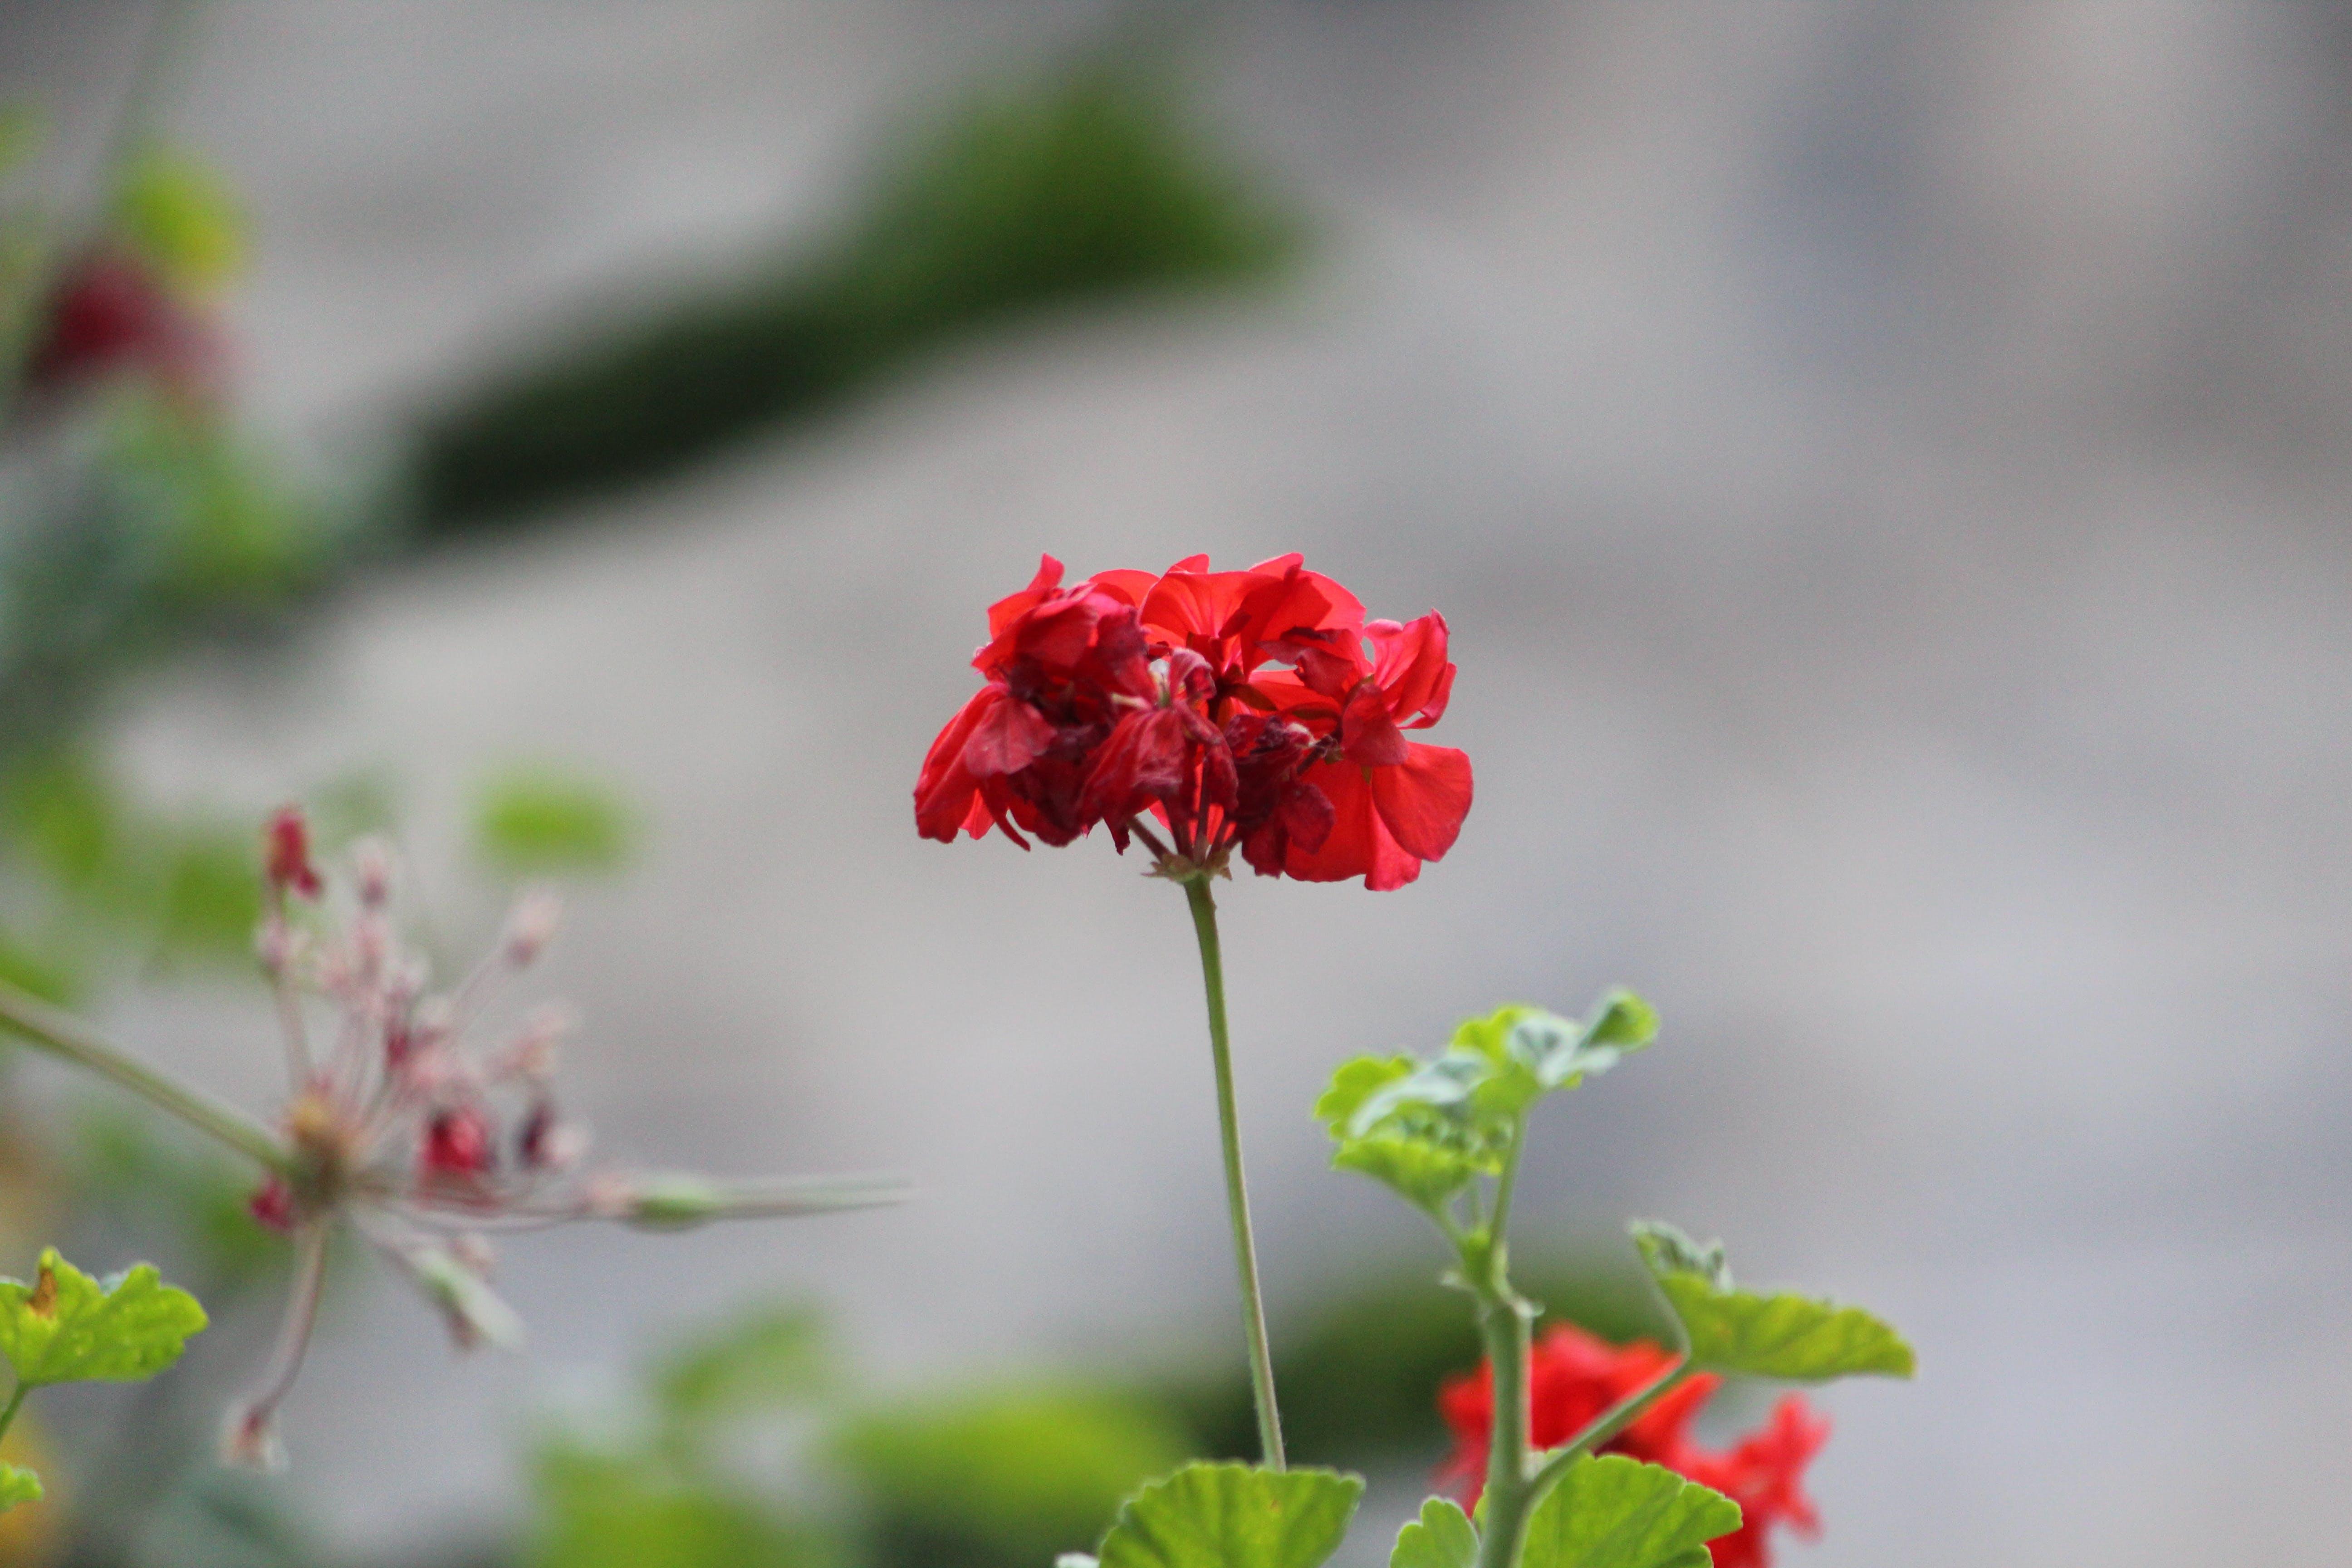 Gratis lagerfoto af blomstermark, skønhed i naturen, smuk blomst